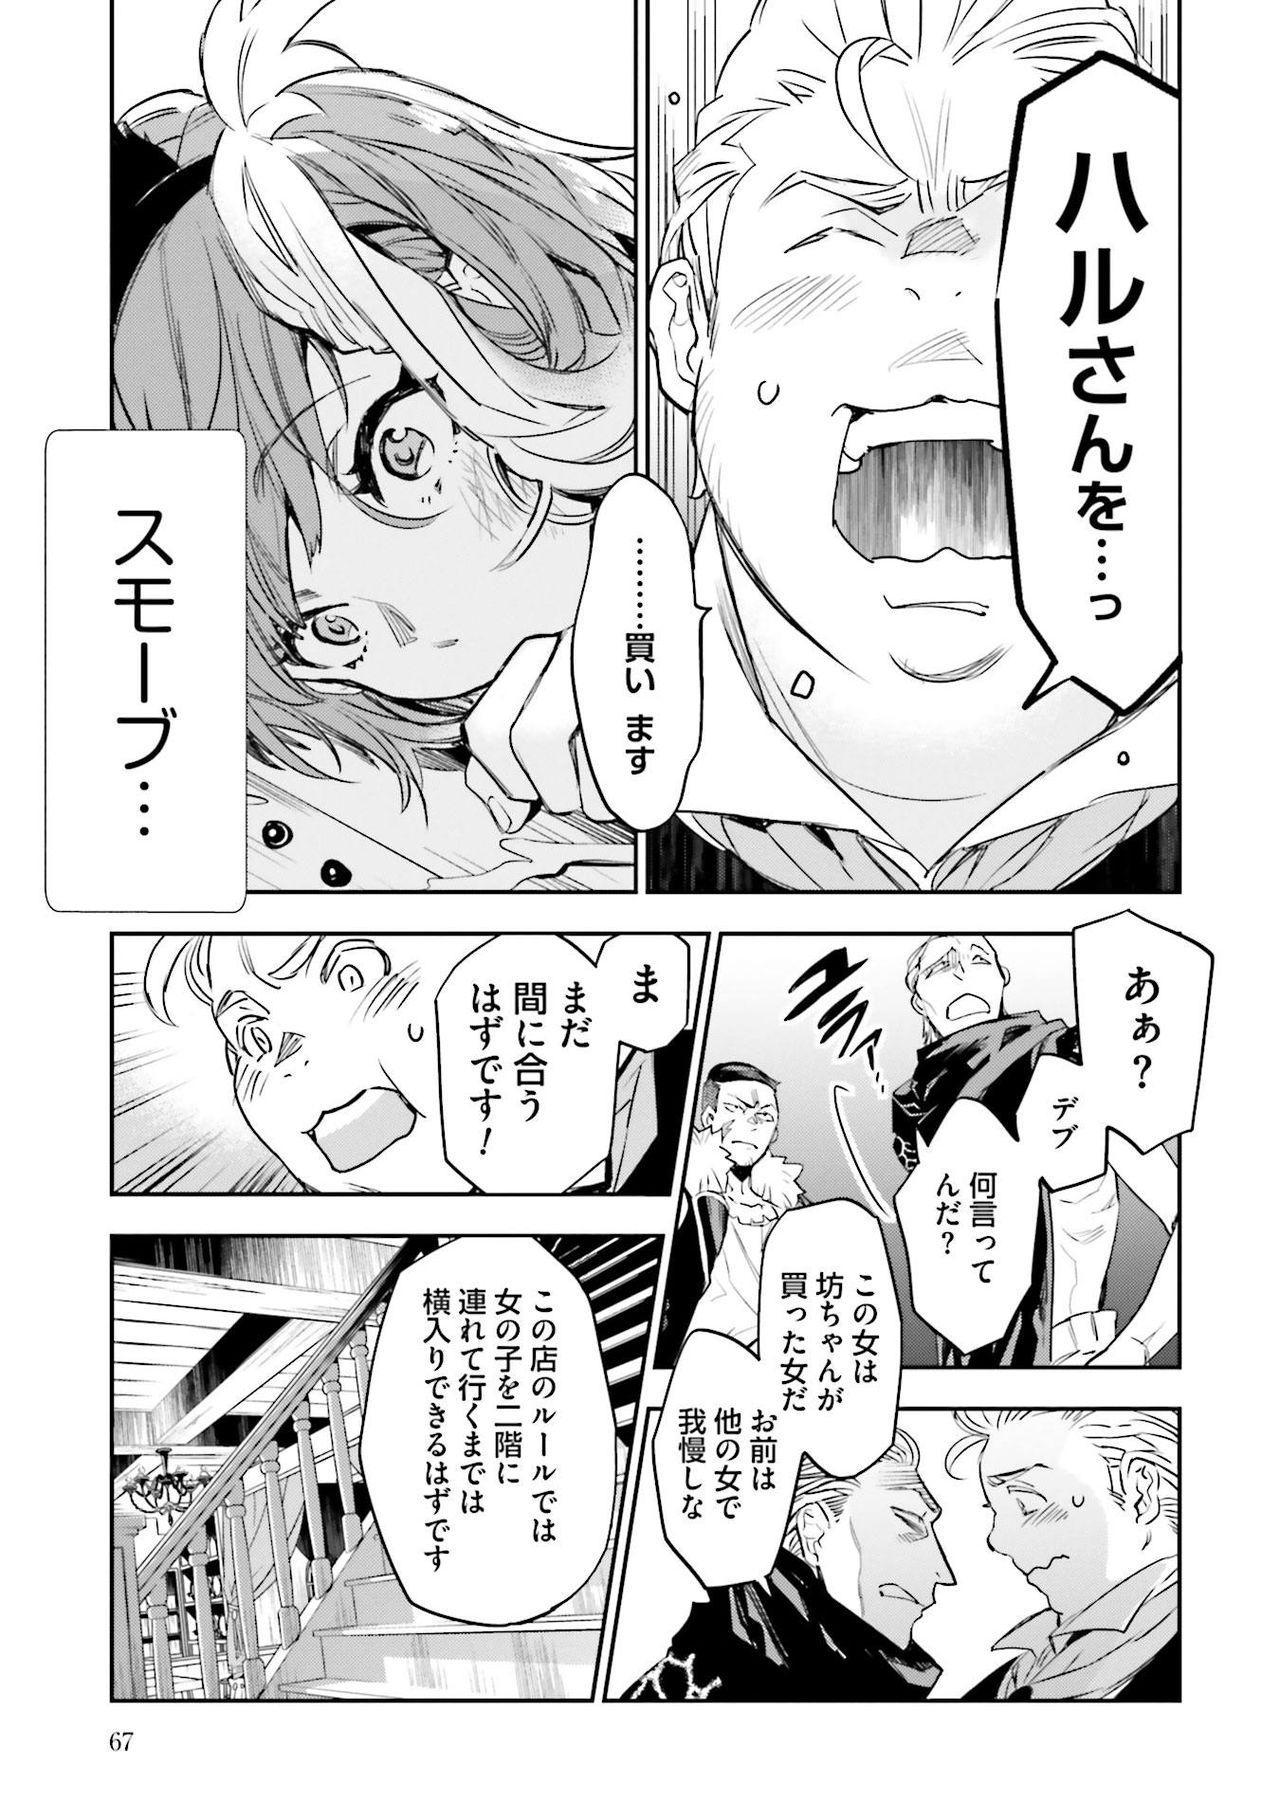 JK Haru wa Isekai de Shoufu ni Natta 1-14 255